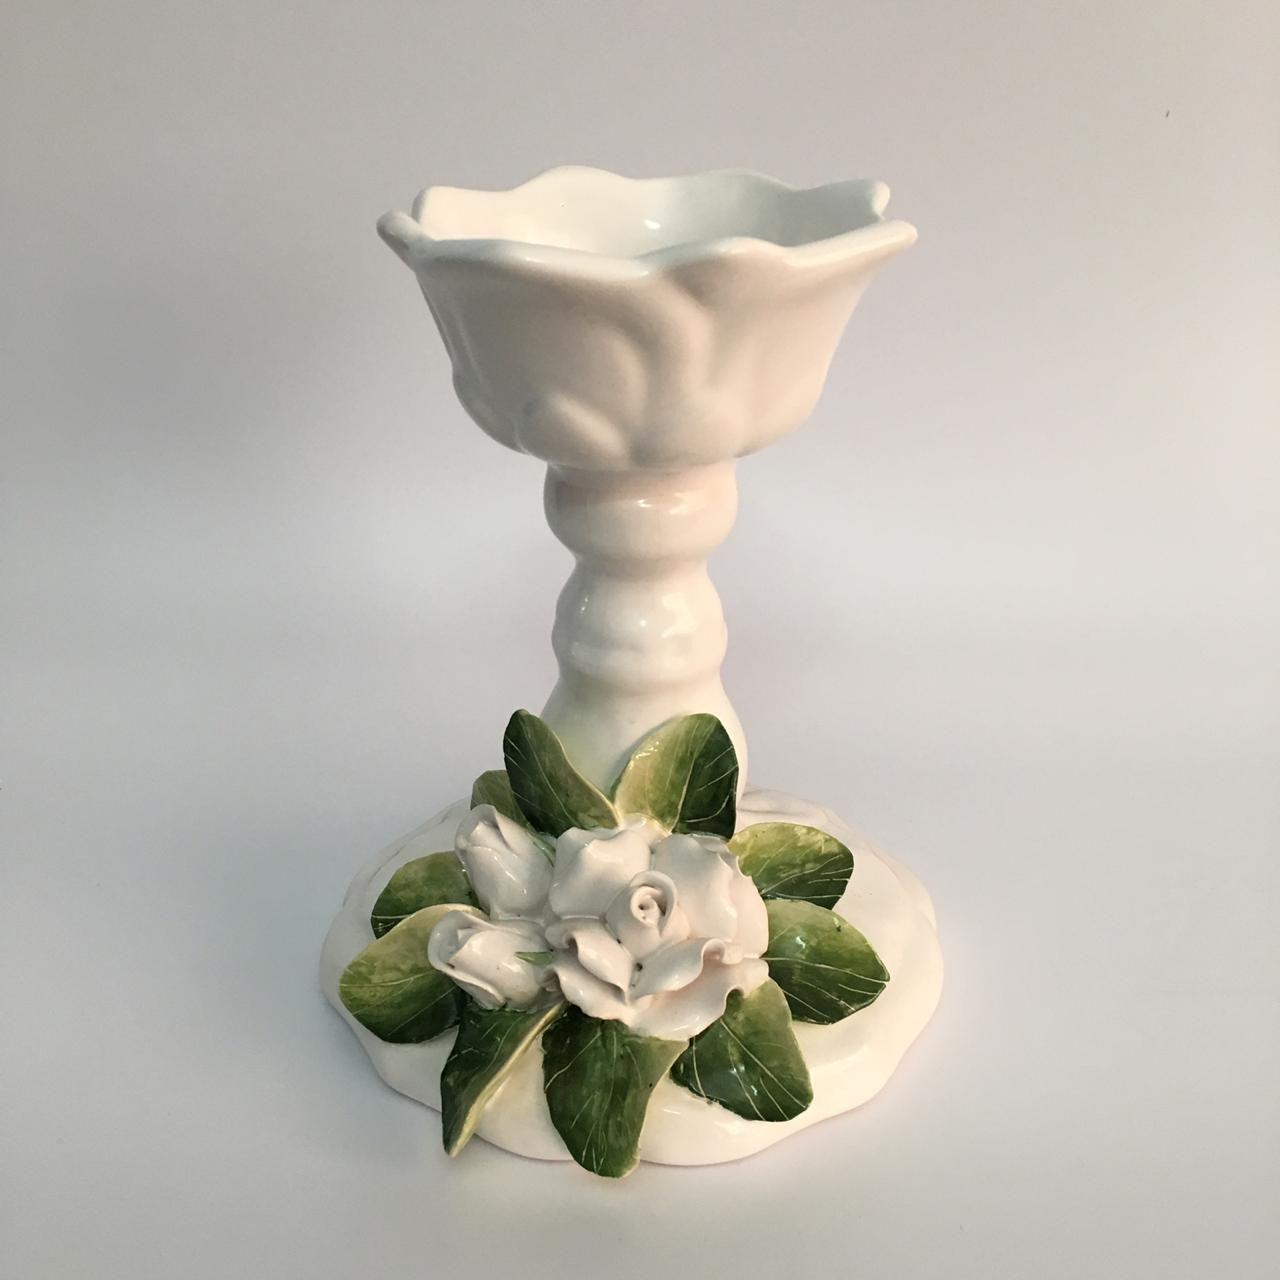 Castical de rosas brancas P  (20x16)